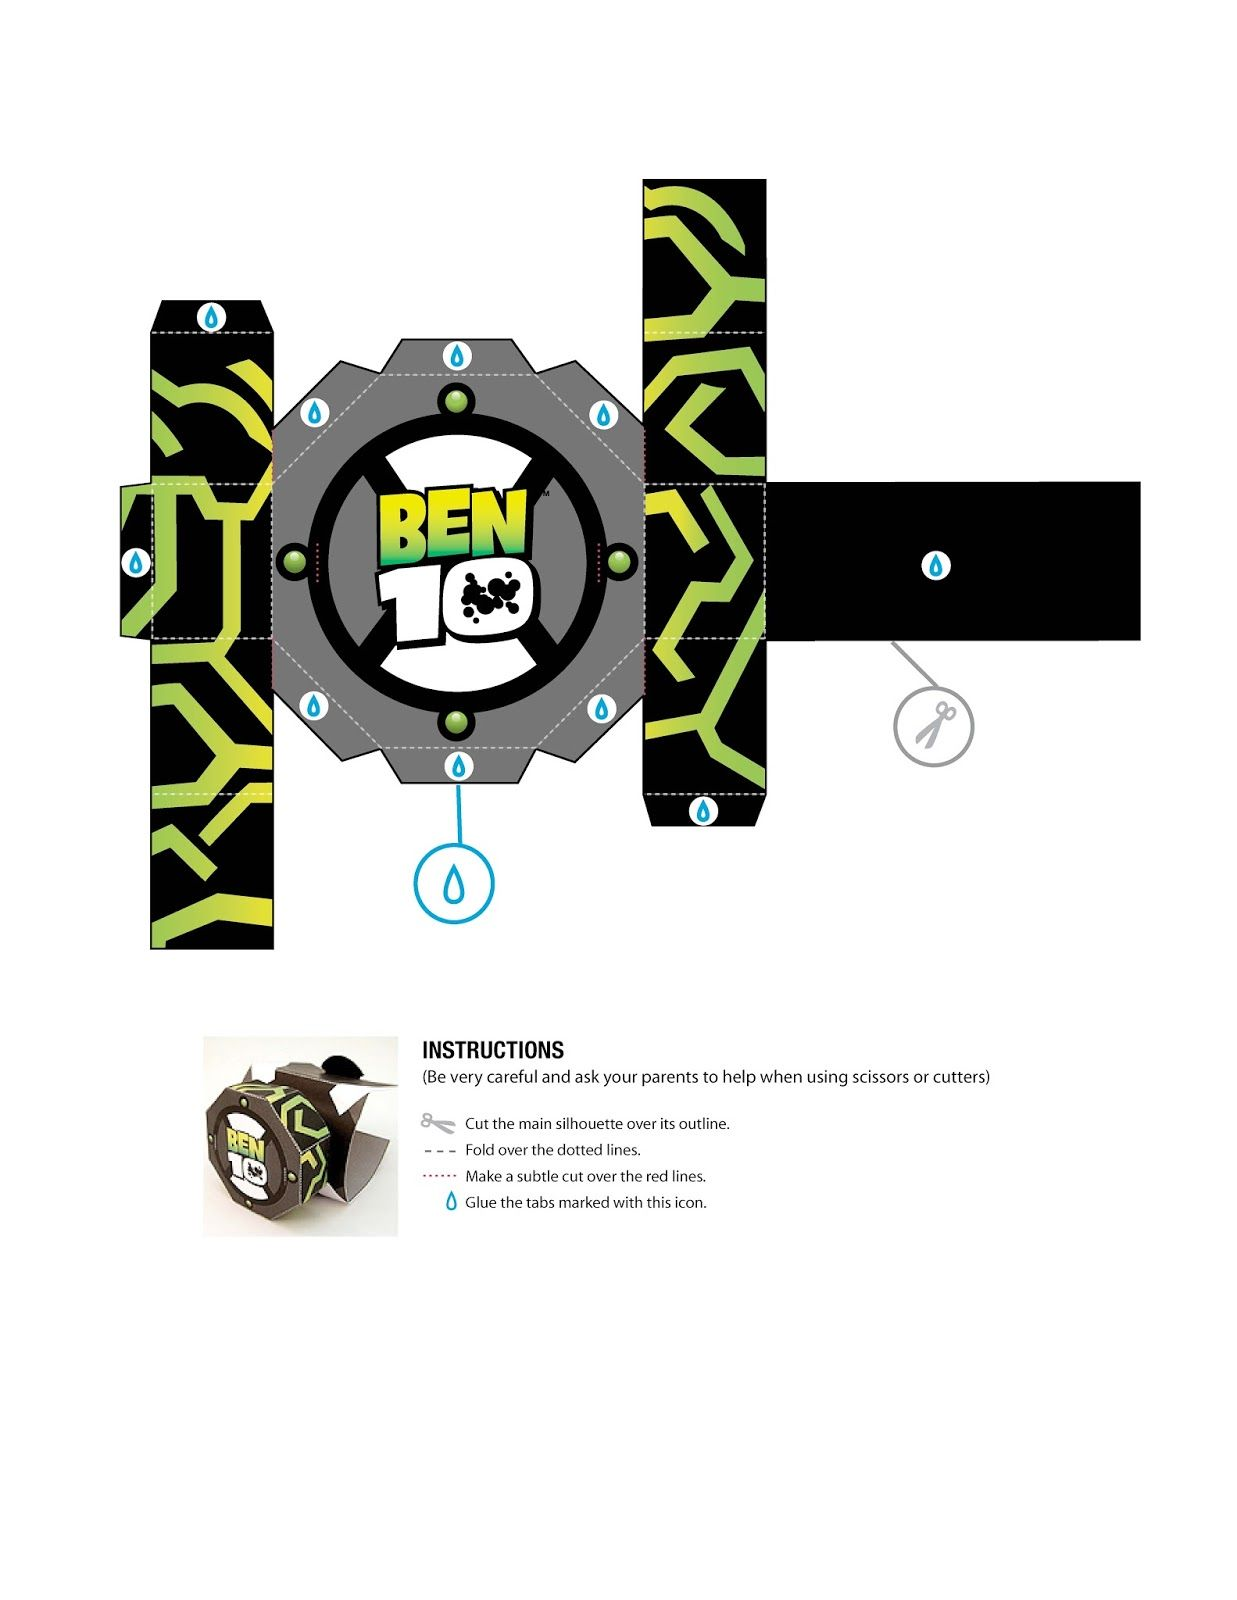 d505aceb962 Boneco 3D e Relógio pra Montar do Ben 10